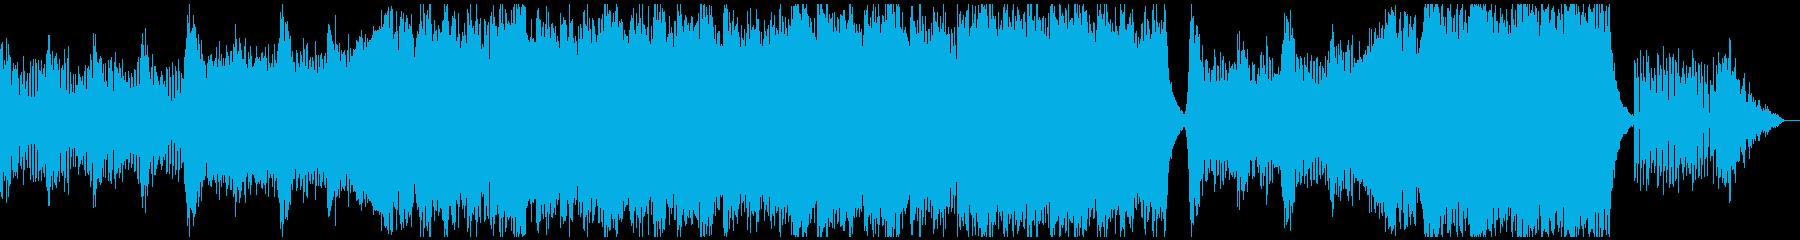 映画トレーラーの再生済みの波形